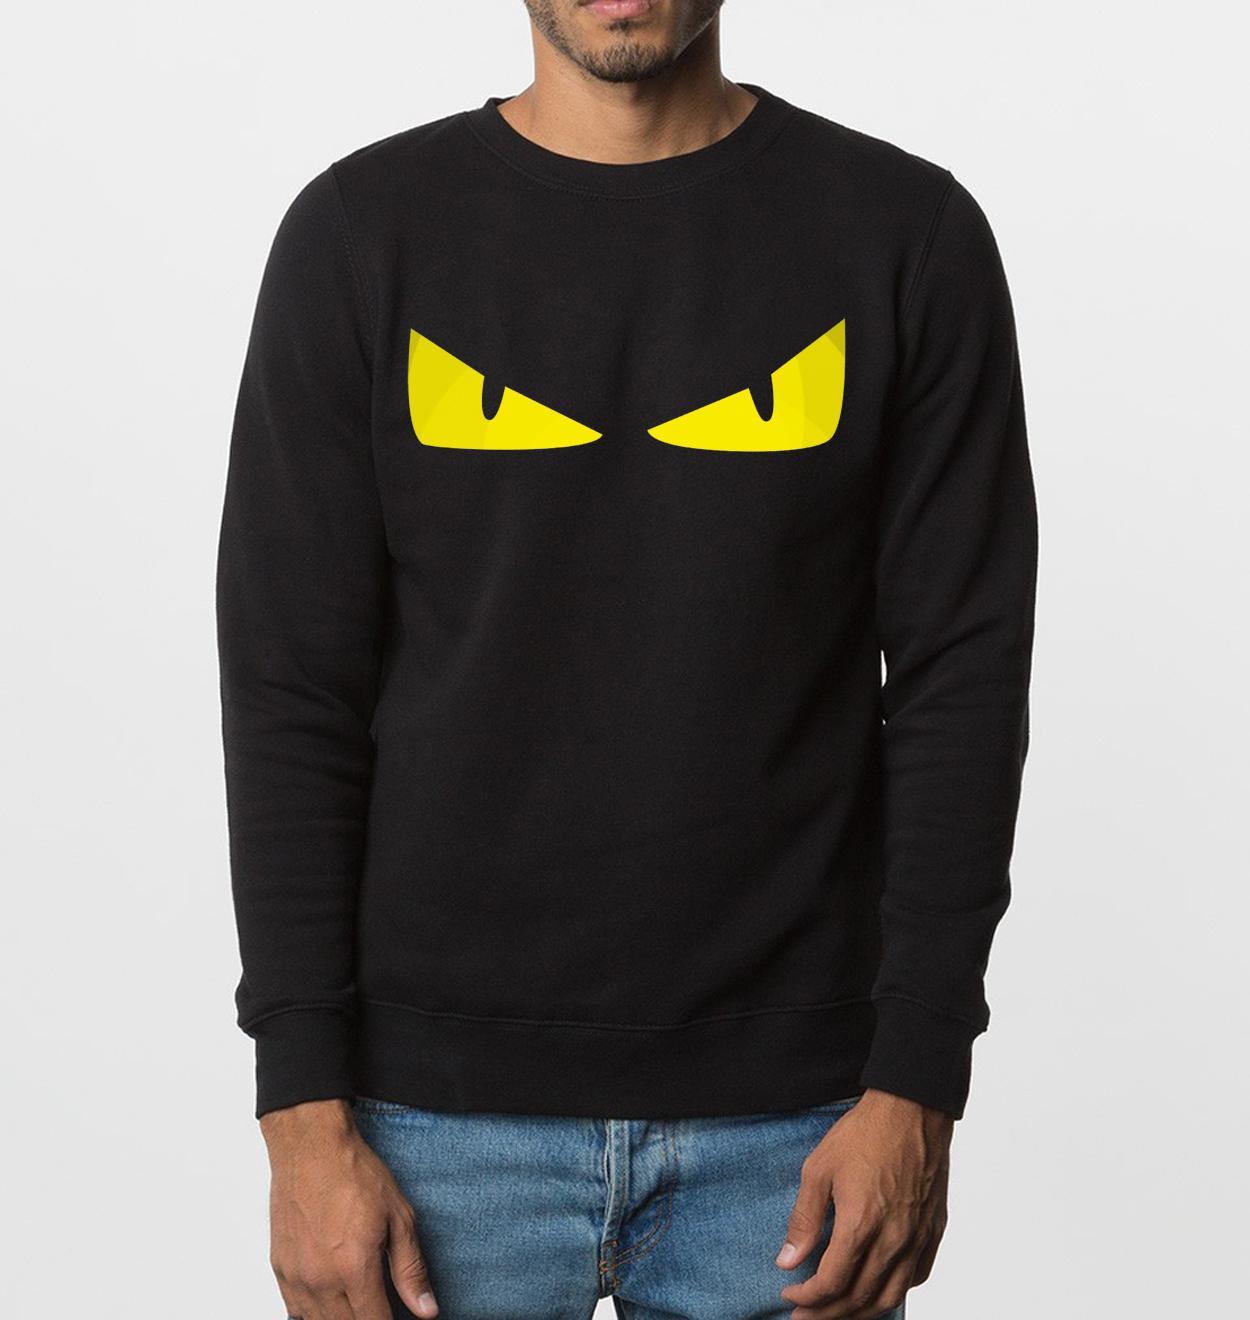 смешная толстовка новая осень зима сердитые глаза мужчины толстовки хип-хоп стиль бренда одежда флис верх с капюшоном спортивный костюм